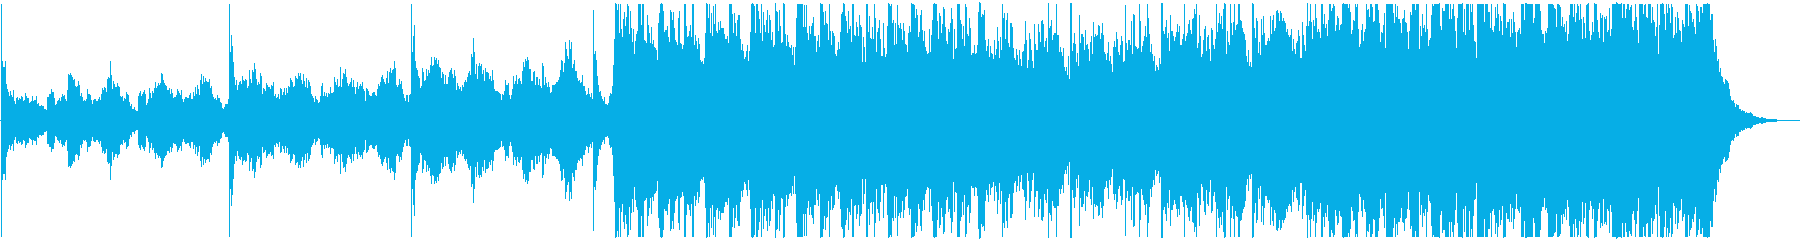 ゆったり壮大なピアノオーケストラエピックの再生済みの波形